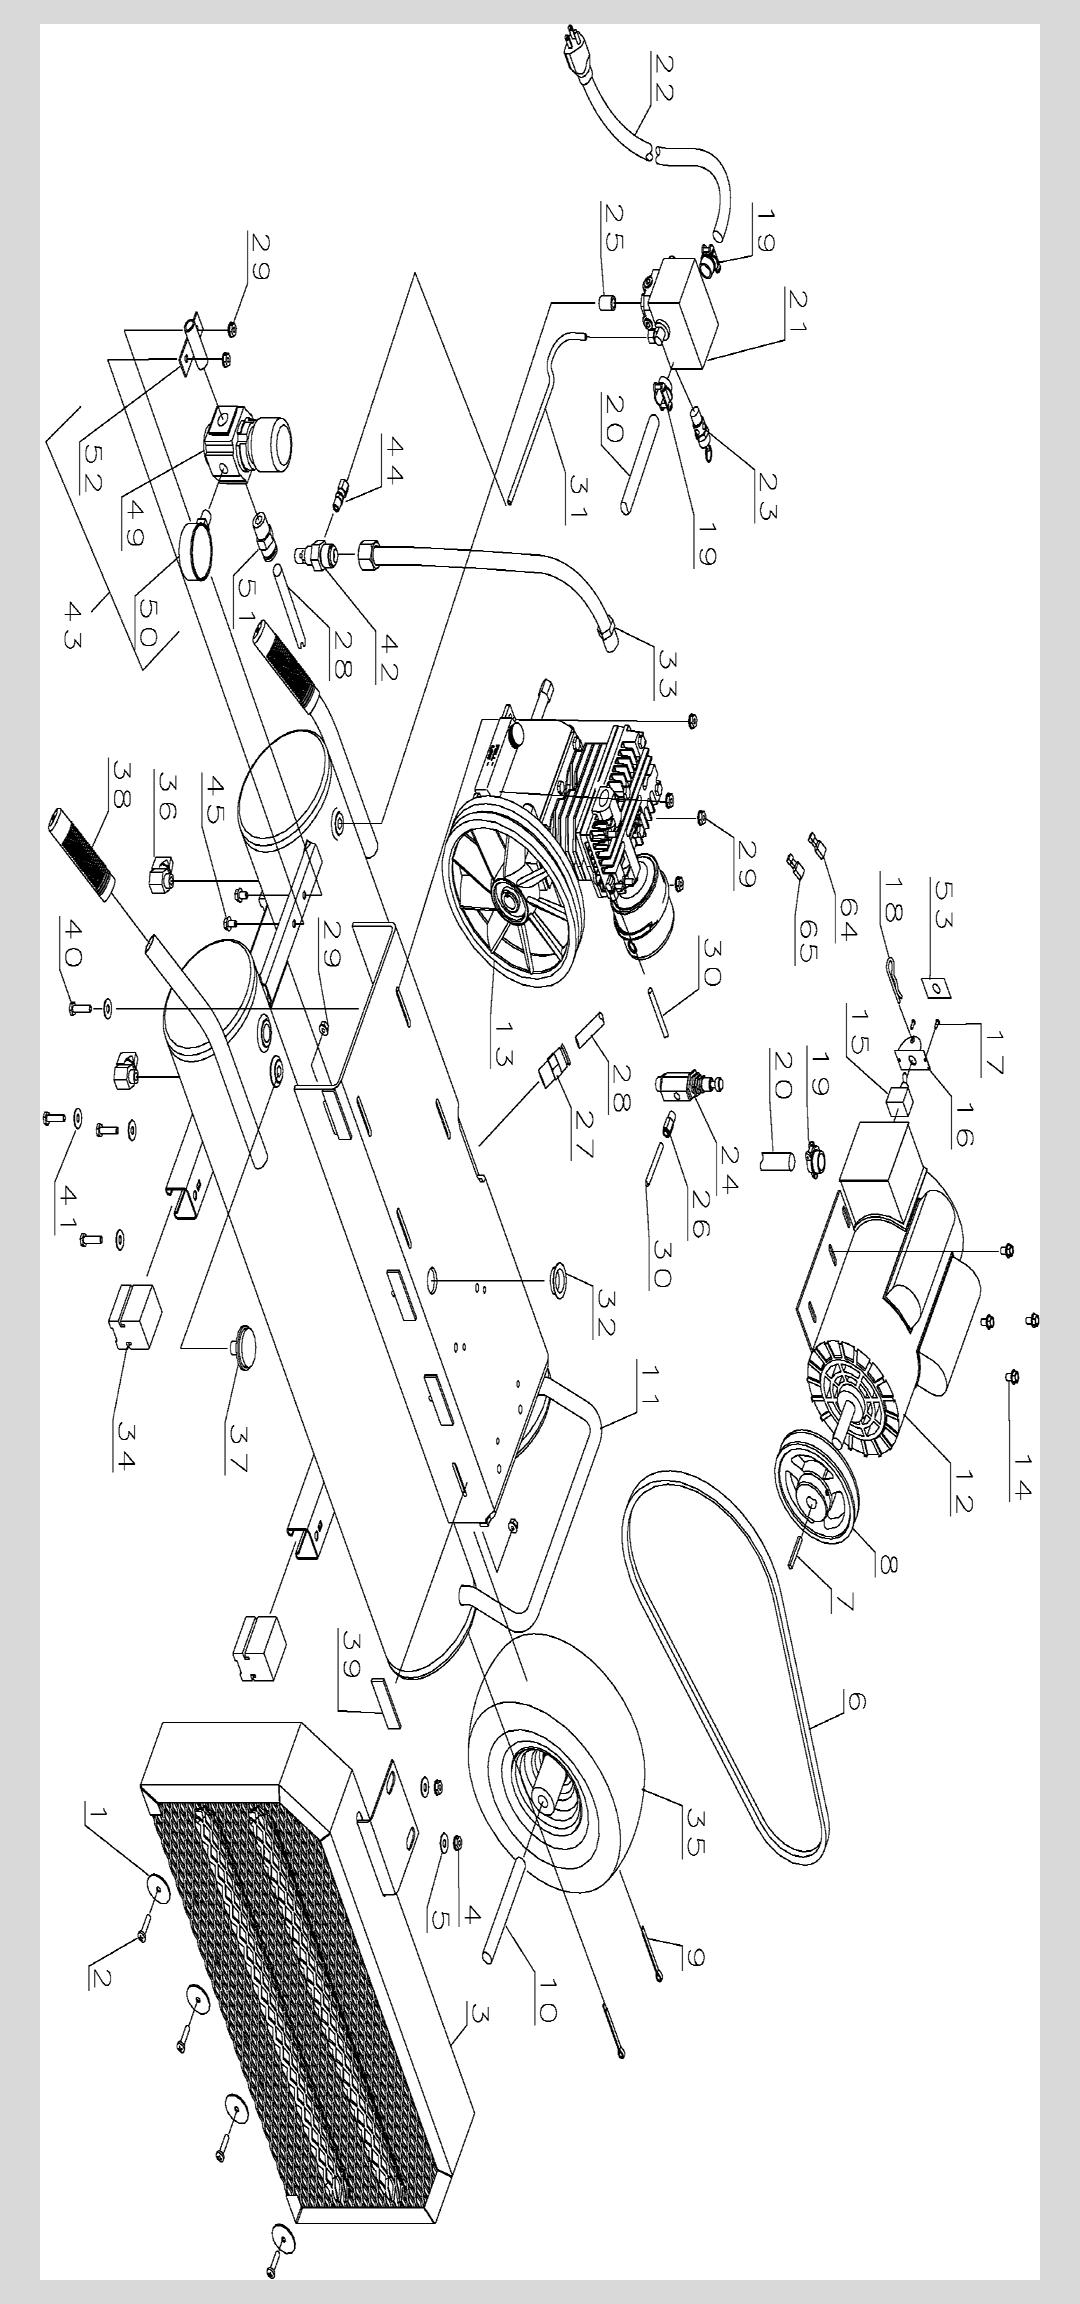 D55570-T1-Dewalt-PB-1Break Down